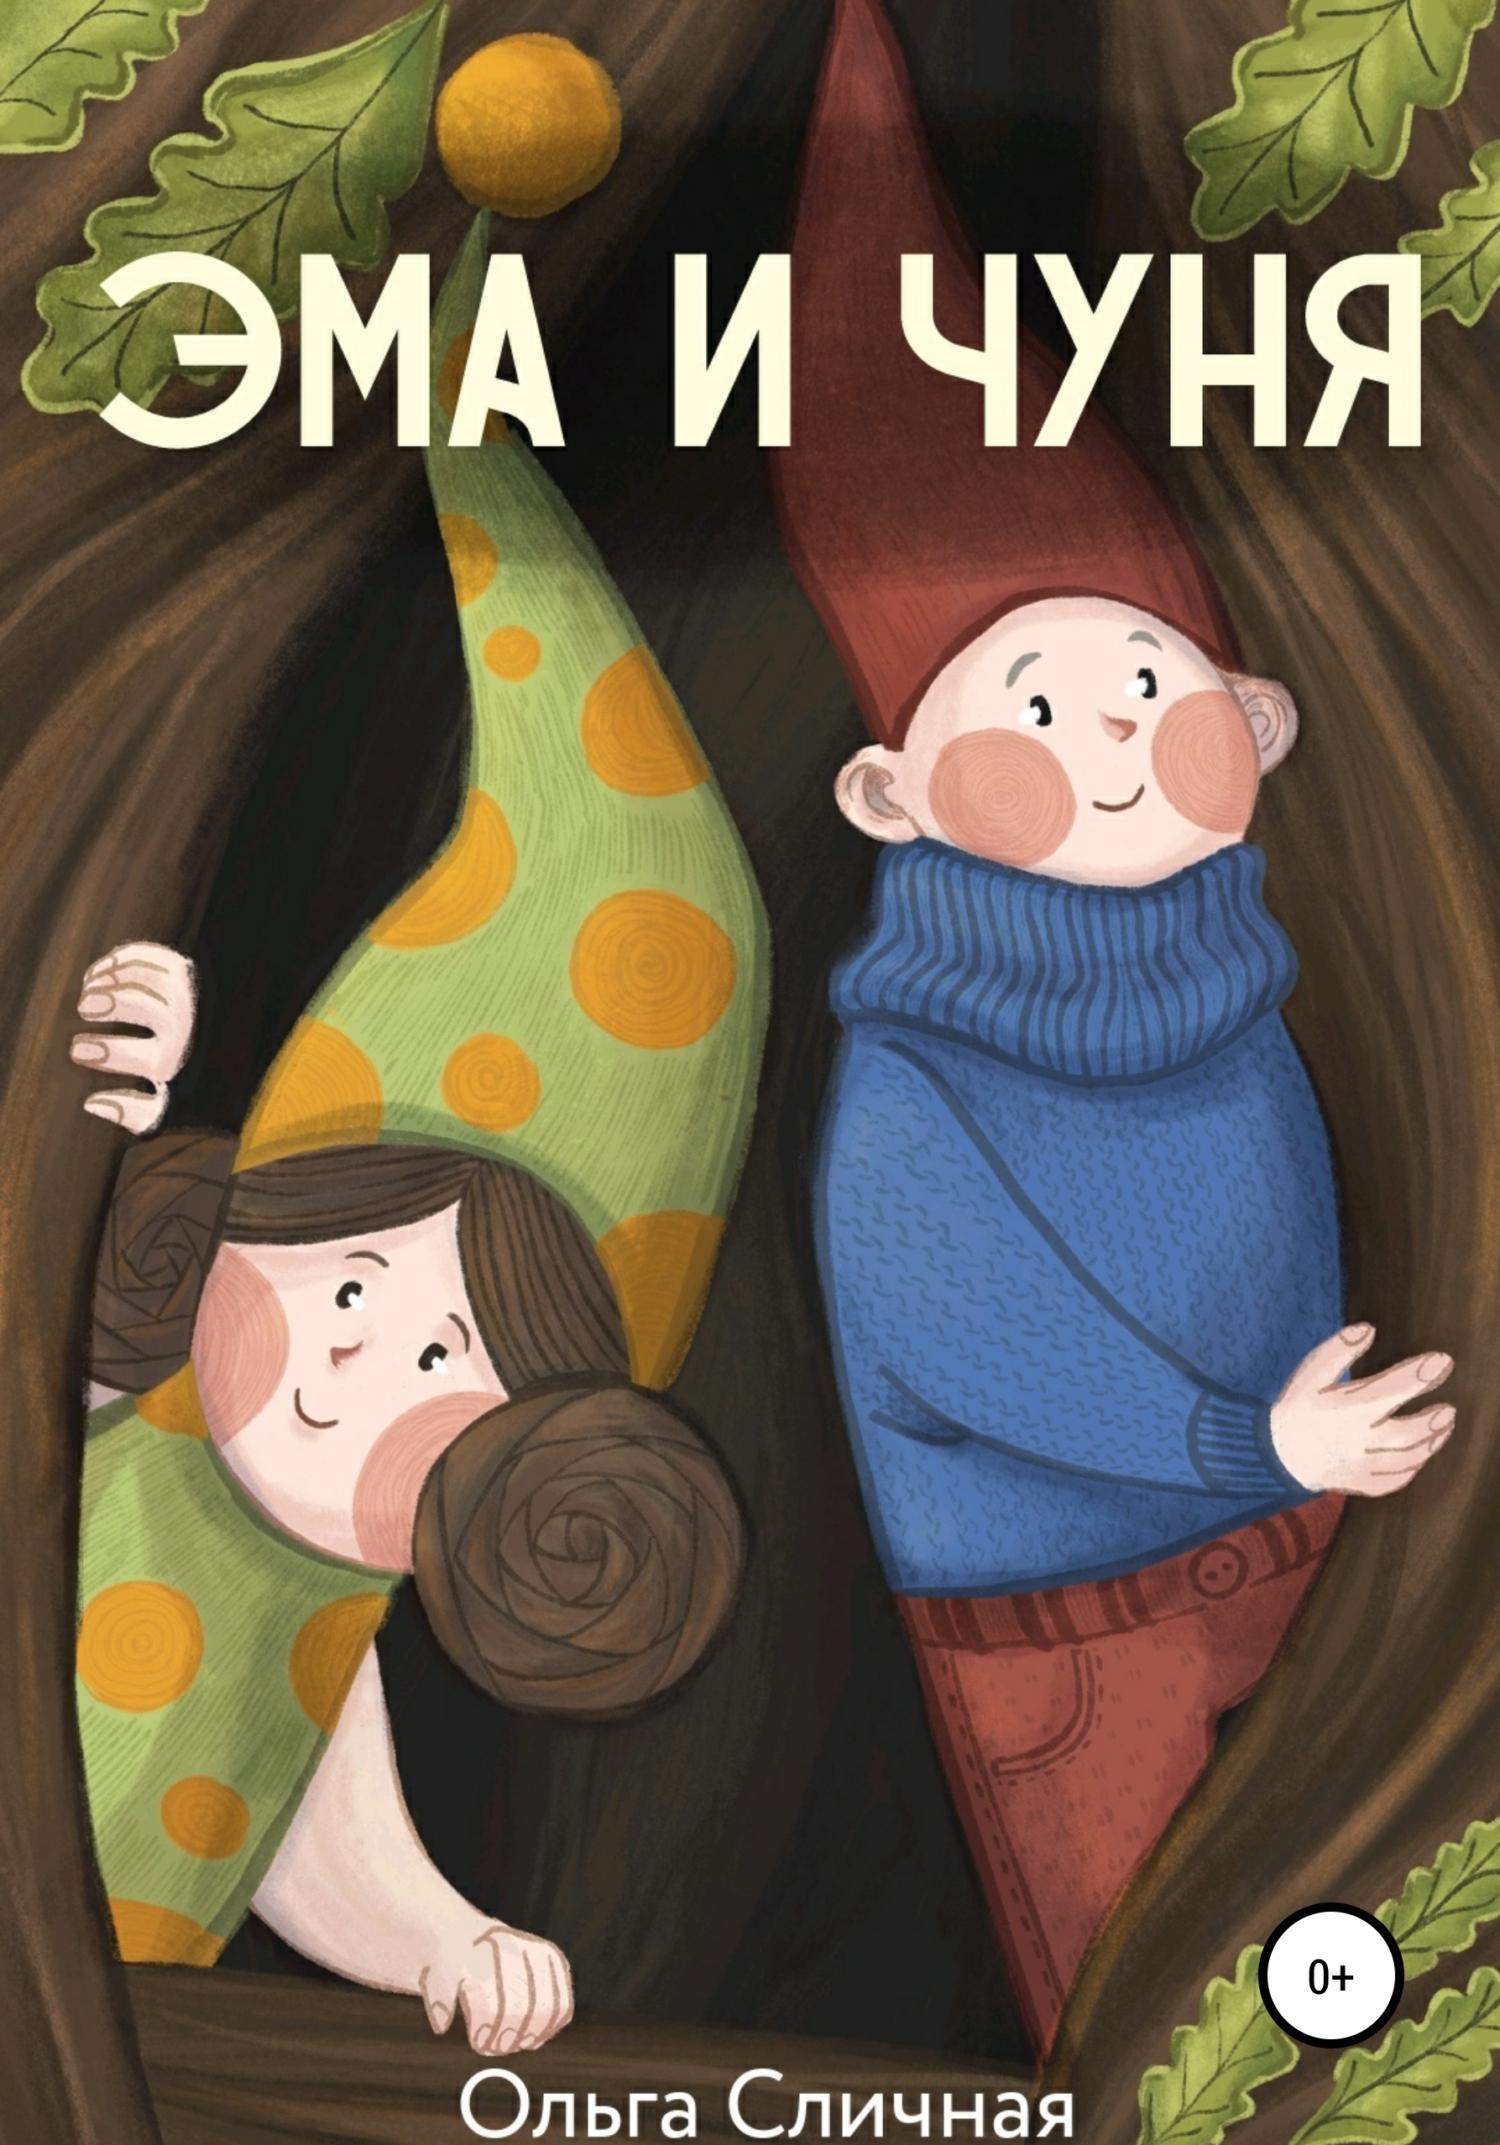 Купить книгу Эма и Чуня, автора Ольги Сличной